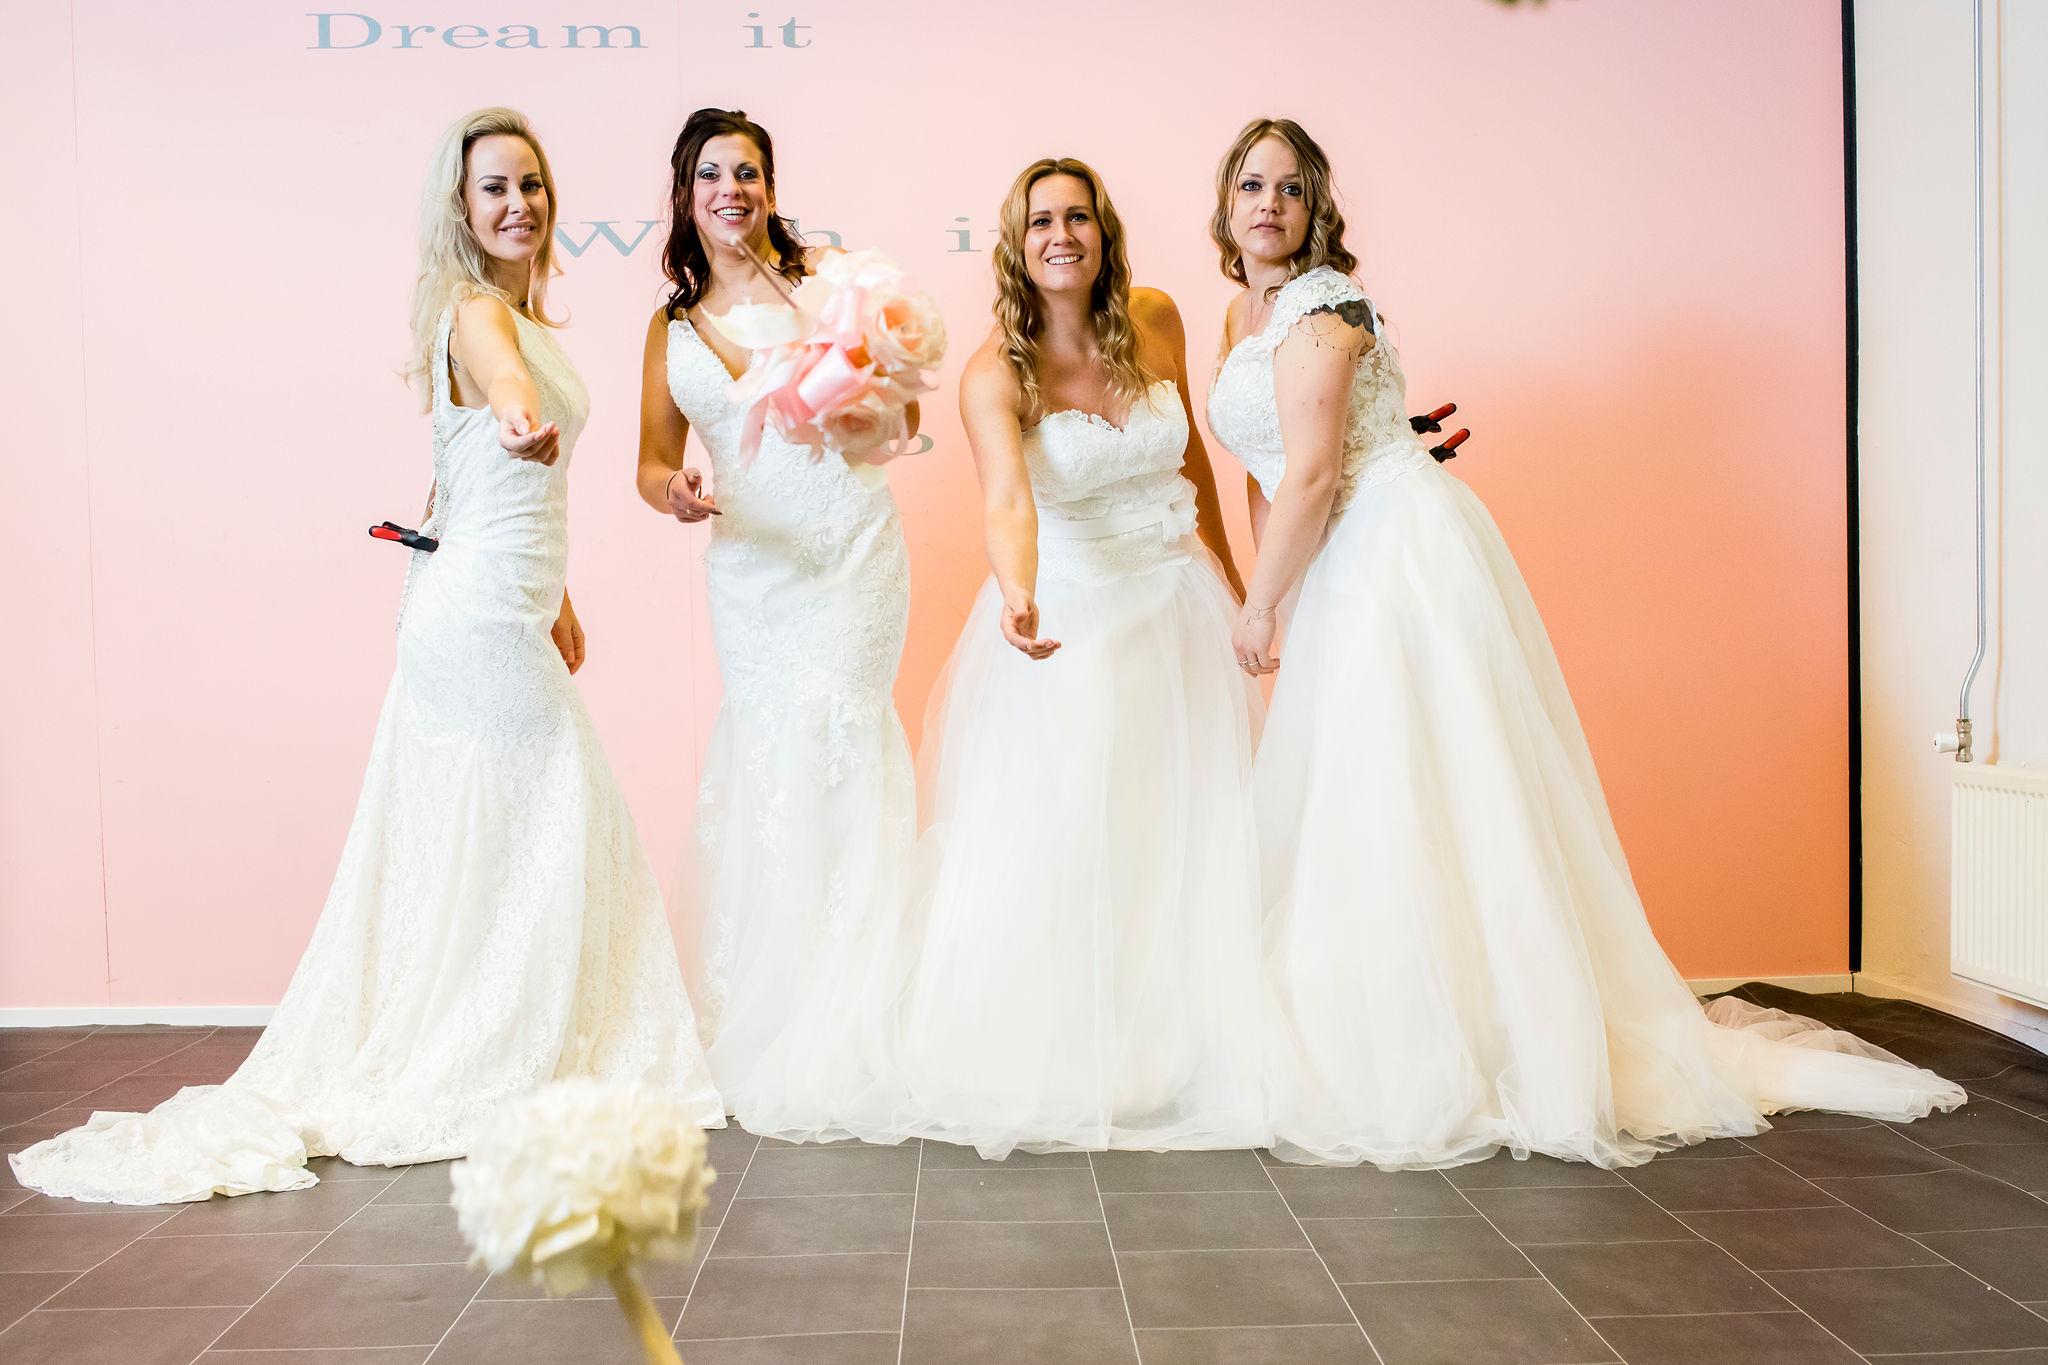 Bruidsjurken Limburg.Bruidsjurken Passen Voor De Lol Girls Night Out Yalisa S Bruidsmode